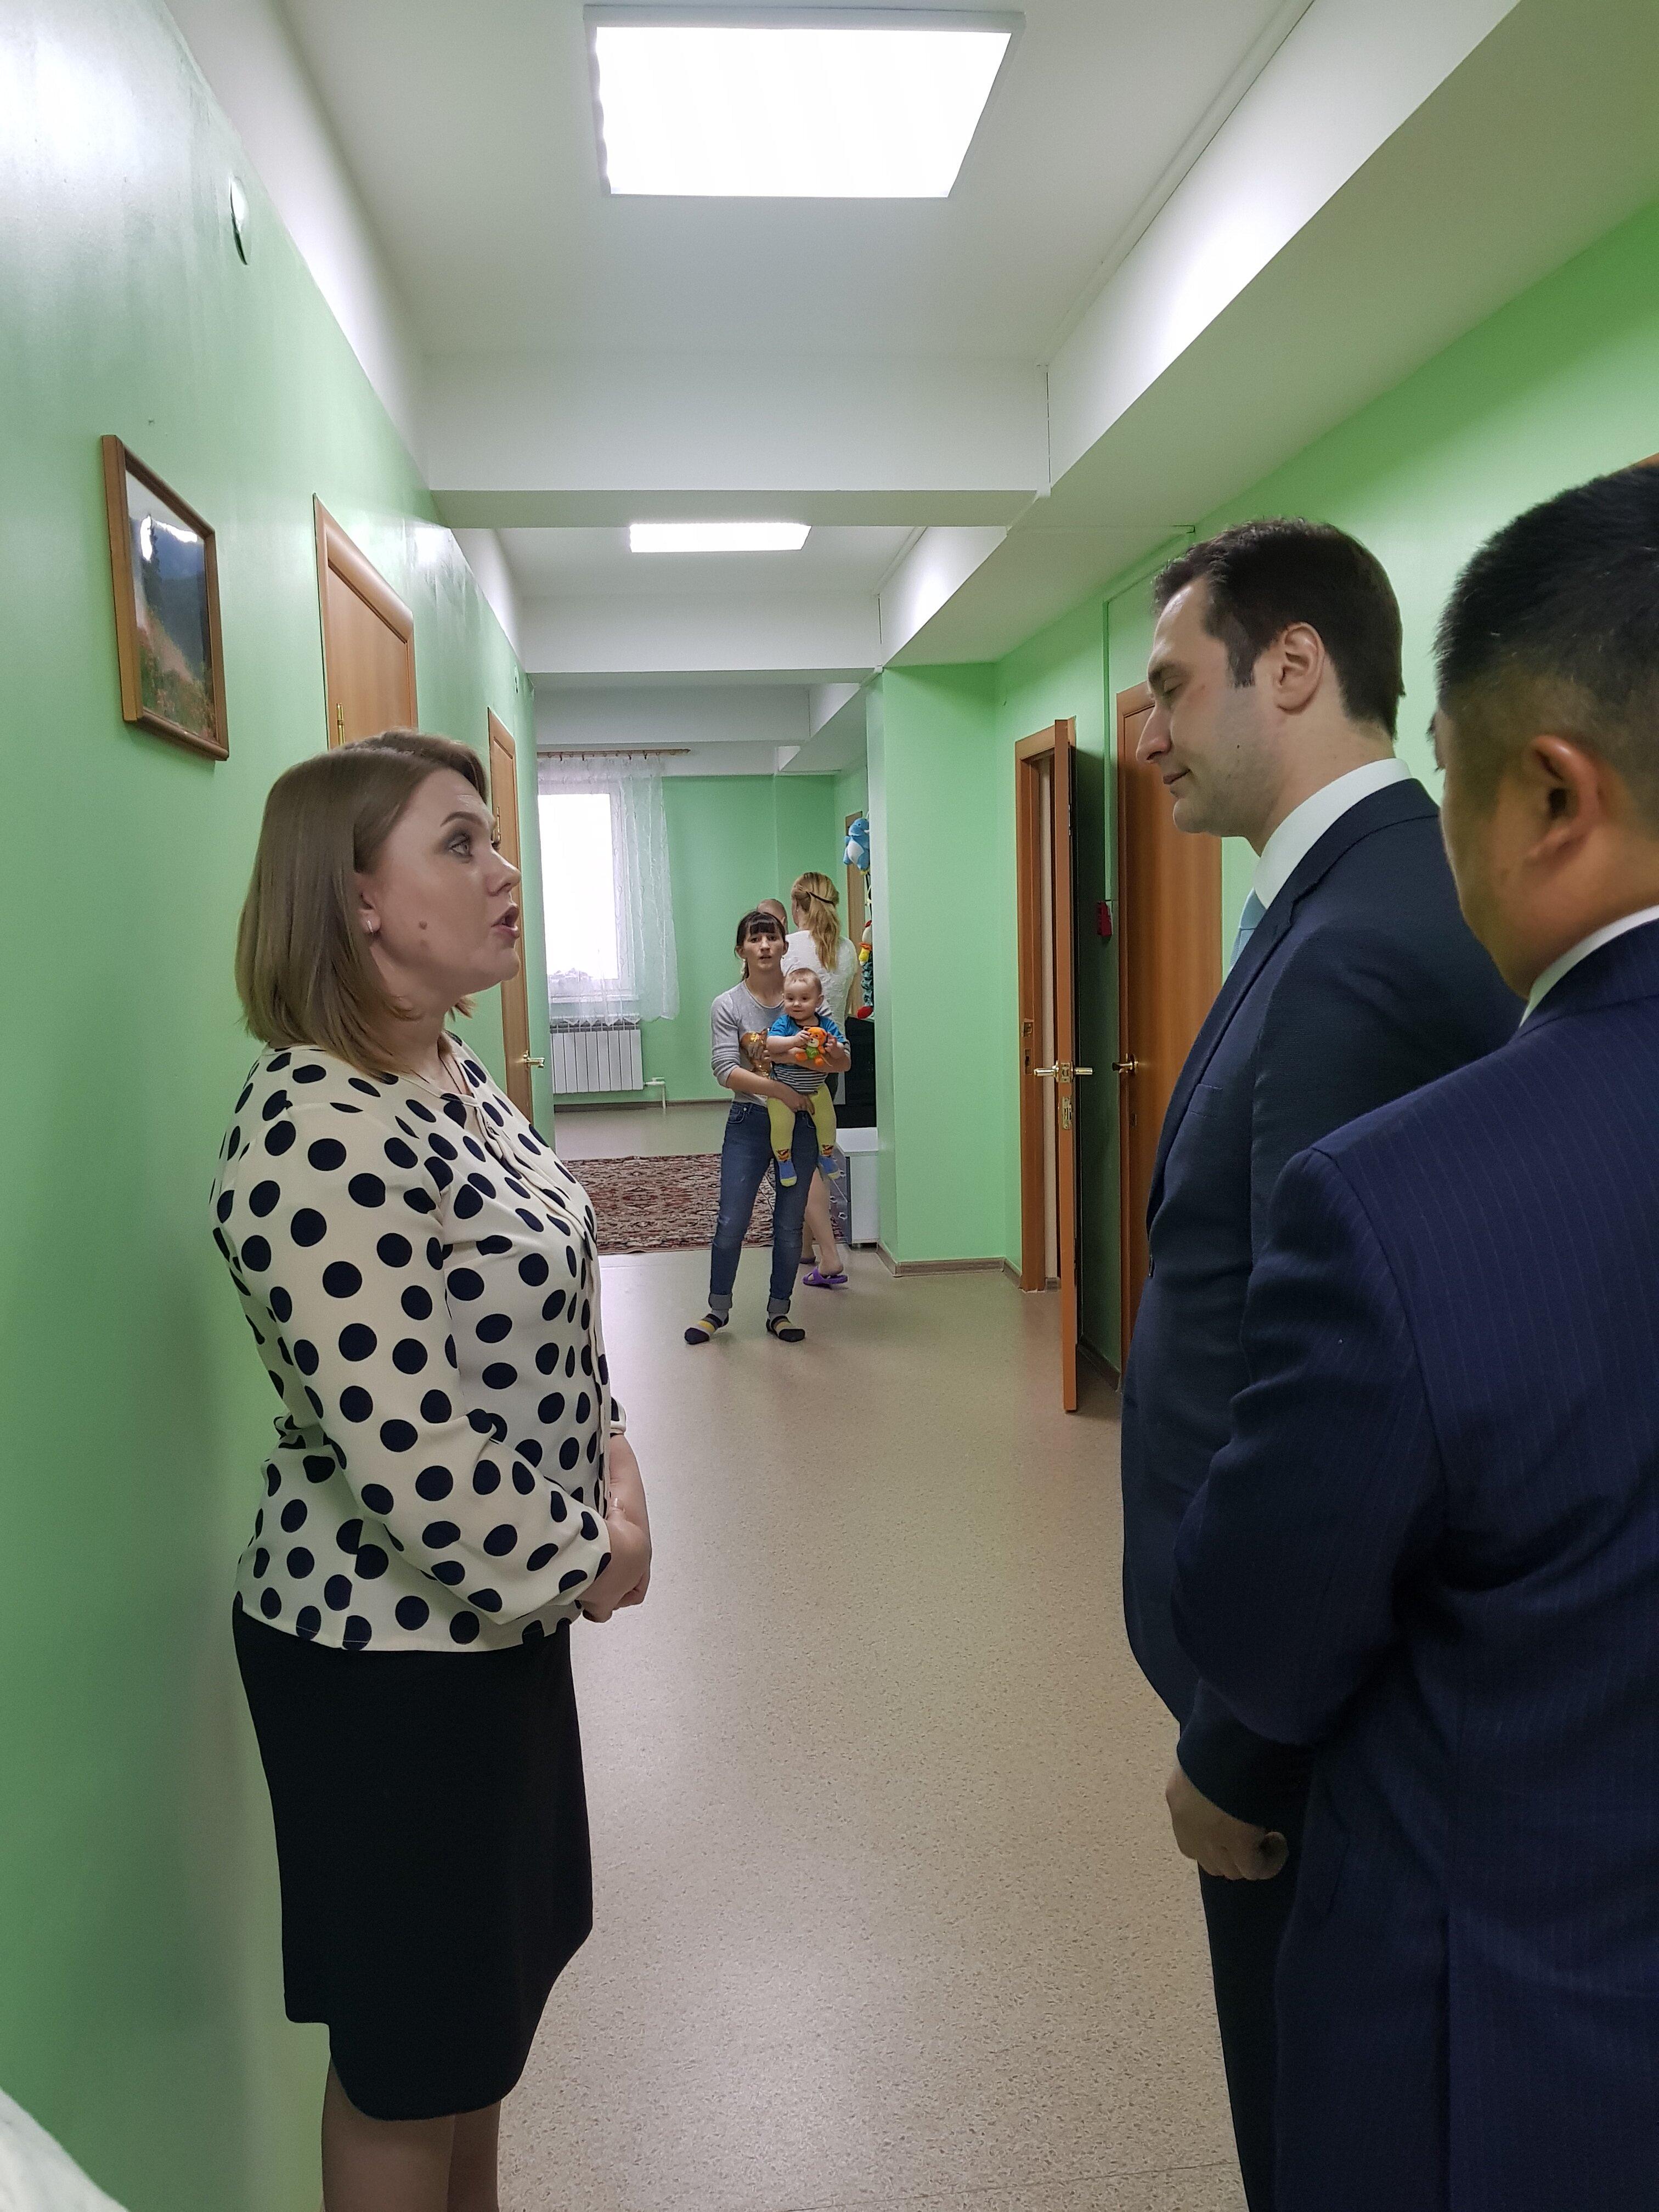 Замминистра здравоохранения России посетил церковный приют для женщин в Южно-Сахалинске